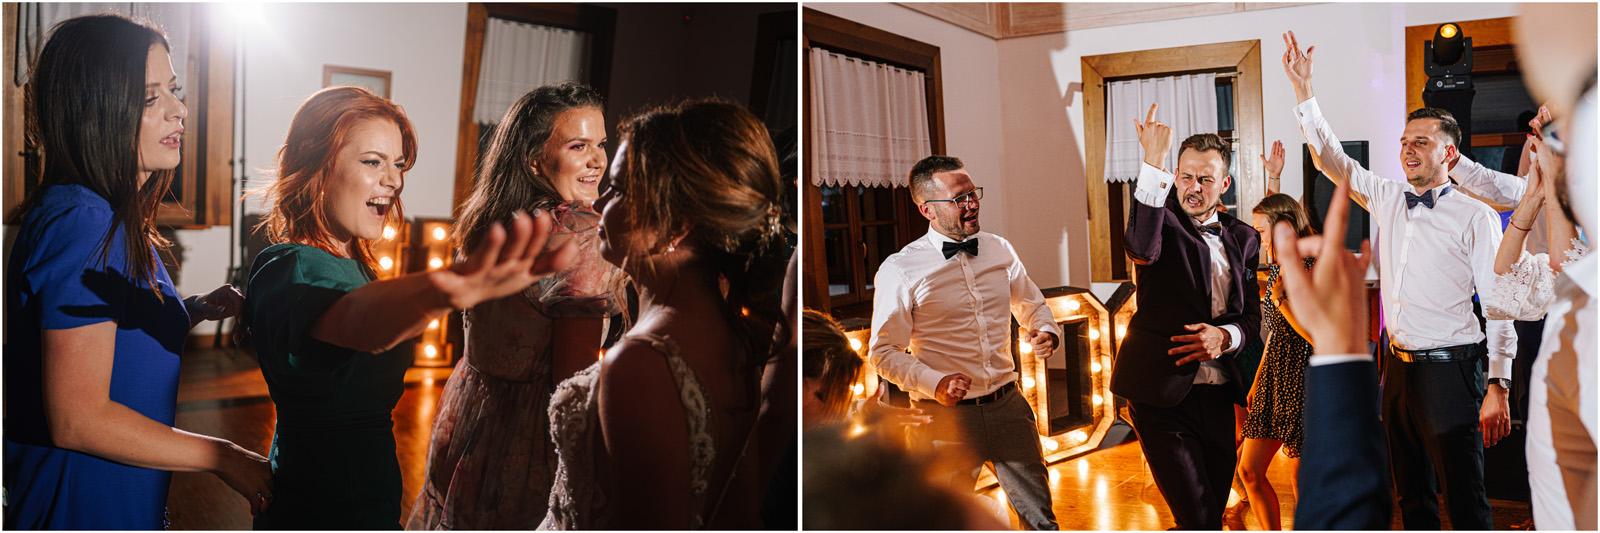 Kasia & Damian   ślub plenerowy w Kuźni Smaków i sesja w skansenie 100